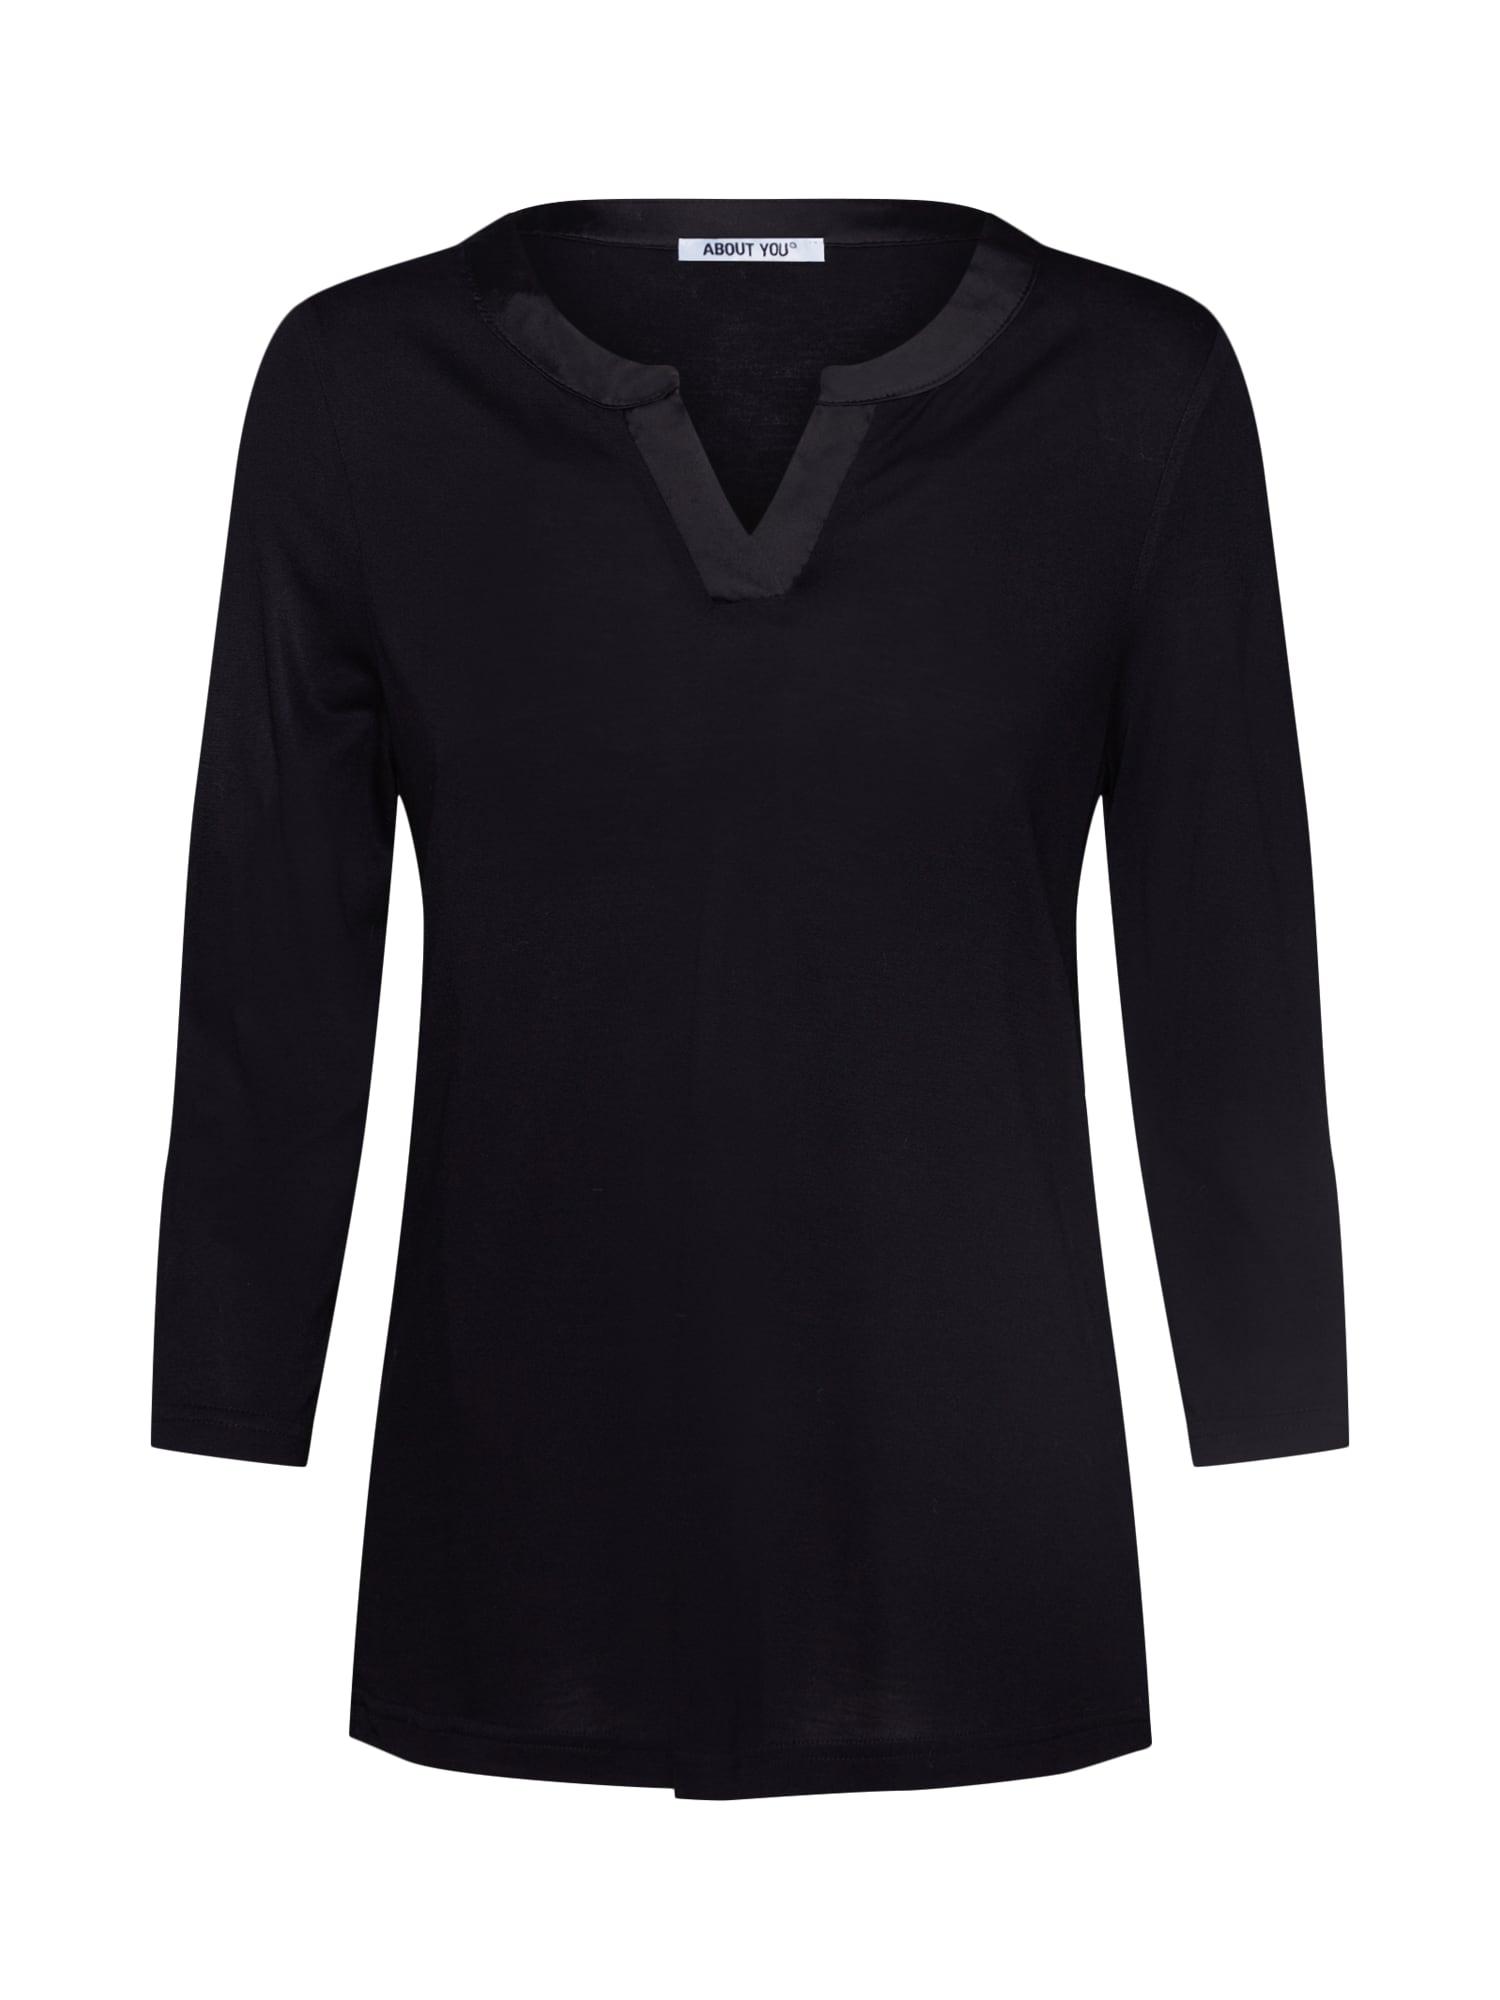 ABOUT YOU Marškinėliai 'Maxime' juoda